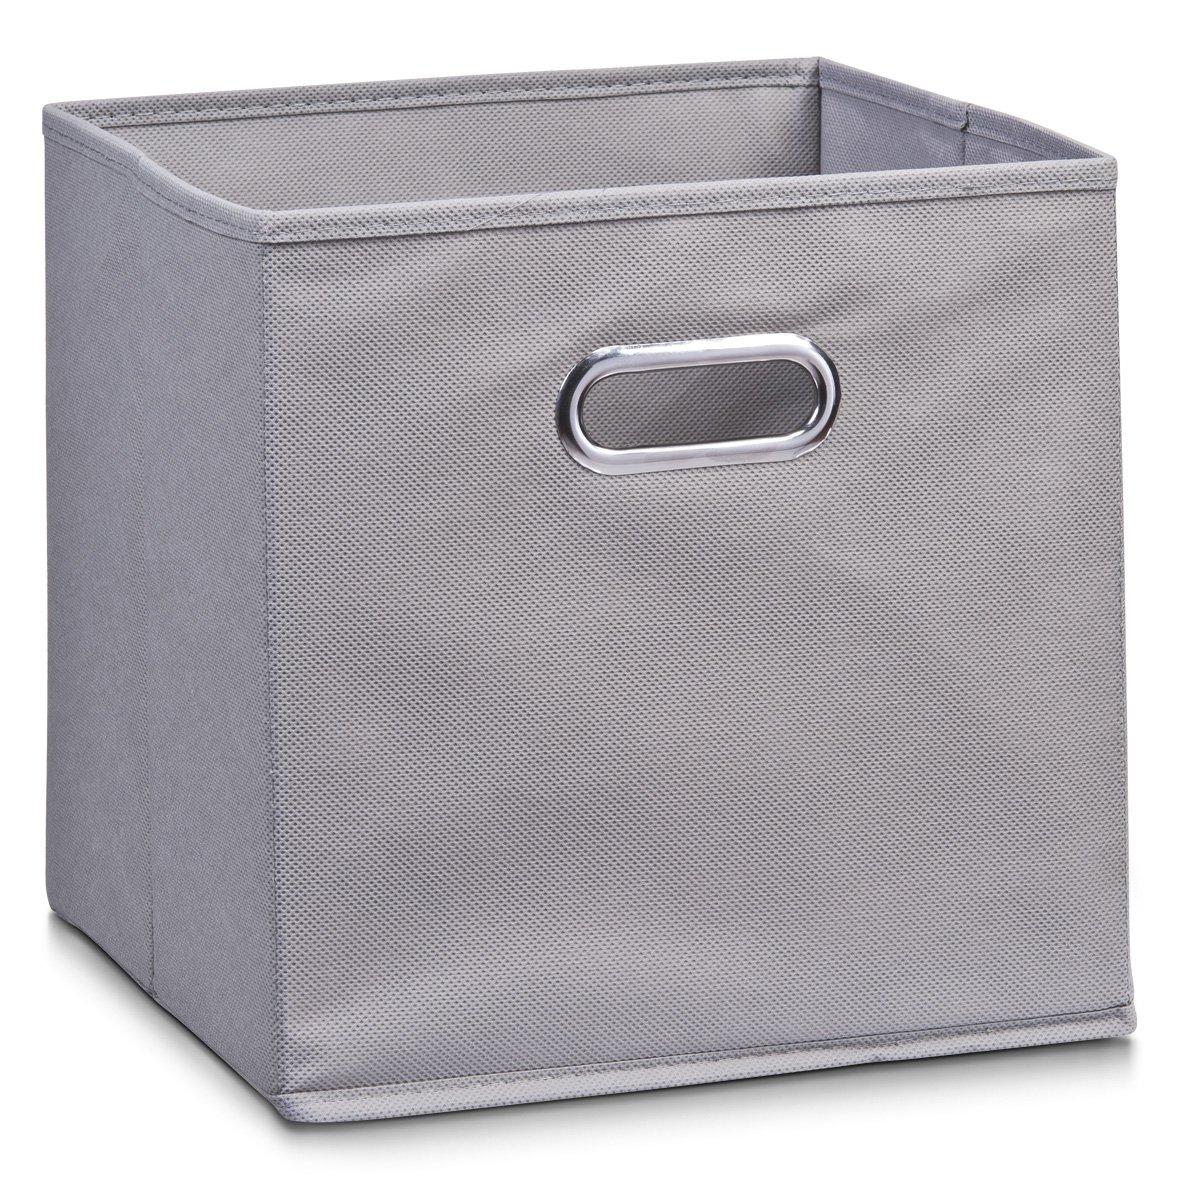 Zeller 14110 - Caja de almacenaje de tela, plegable, 32 x 32 x 32 cm, color gris: Amazon.es: Hogar